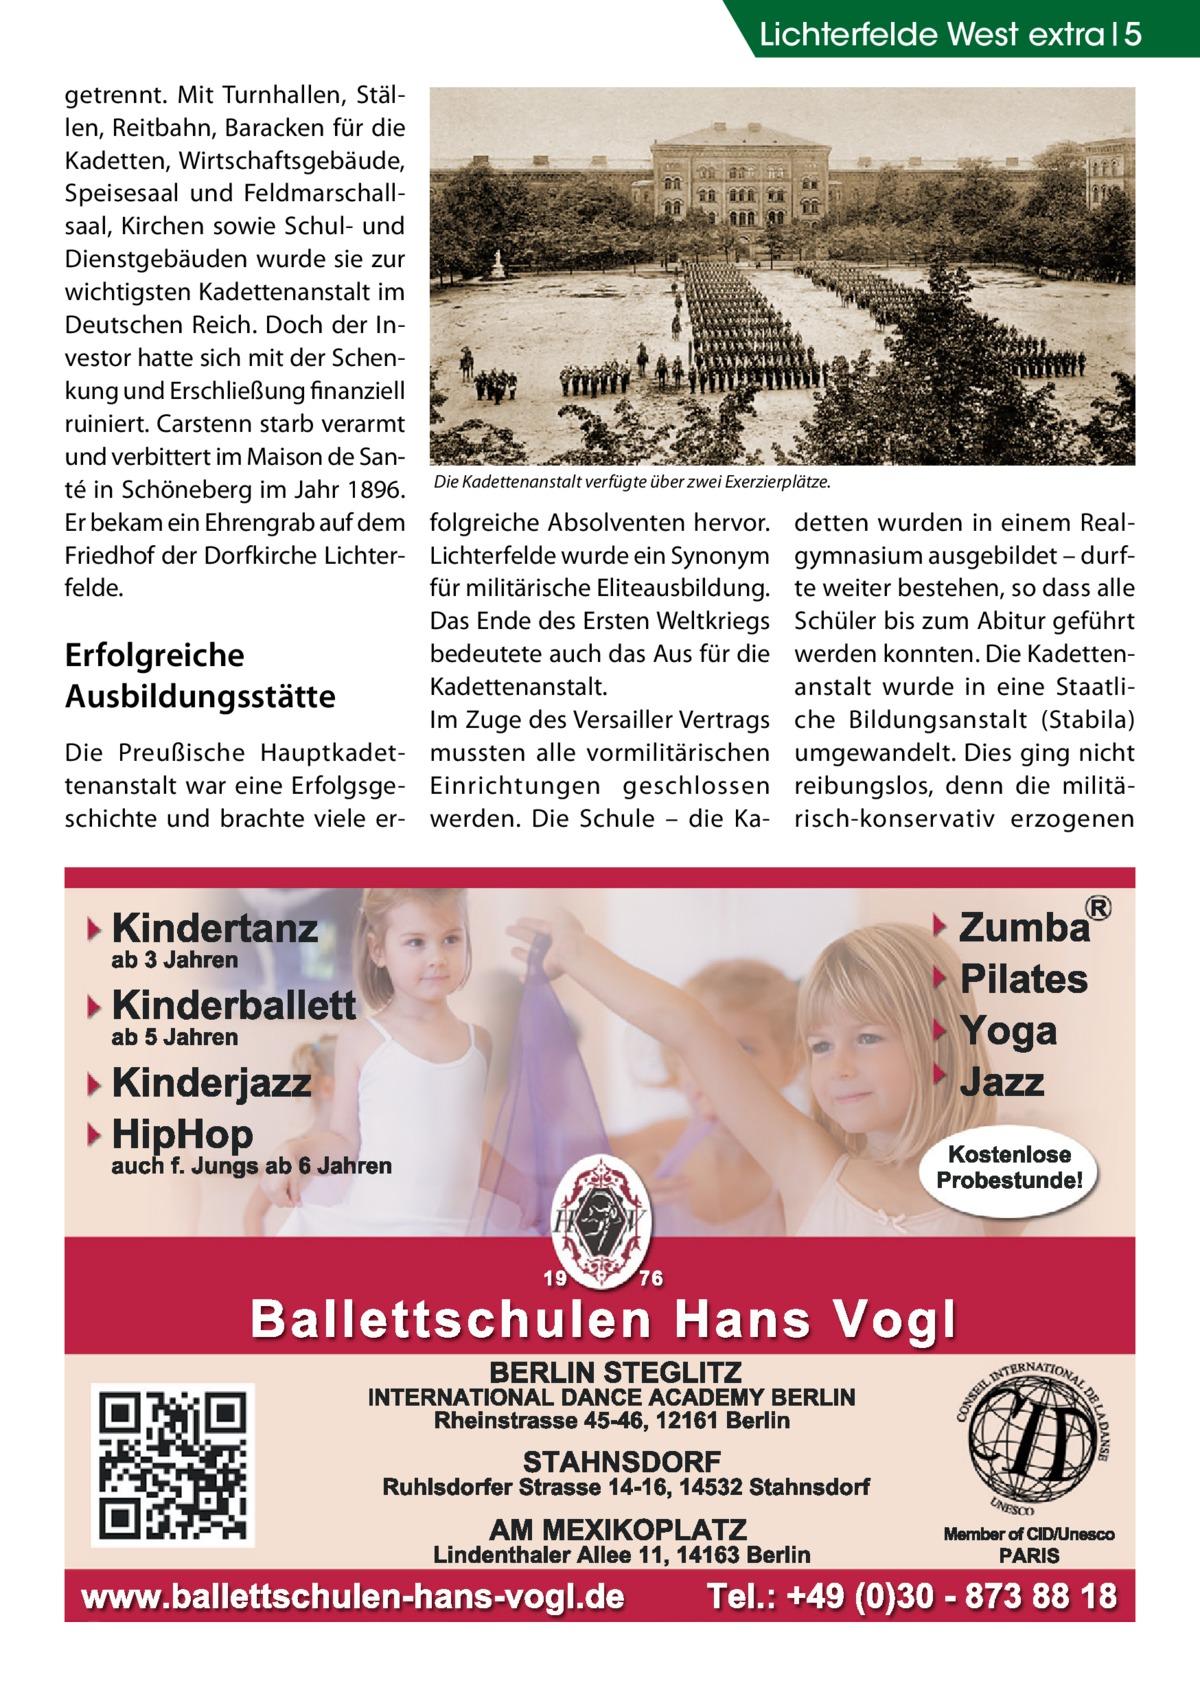 Lichterfelde West extra 5 getrennt. Mit Turnhallen, Ställen, Reitbahn, Baracken für die Kadetten, Wirtschaftsgebäude, Speisesaal und Feldmarschallsaal, Kirchen sowie Schul- und Dienstgebäuden wurde sie zur wichtigsten Kadettenanstalt im Deutschen Reich. Doch der Investor hatte sich mit der Schenkung und Erschließung finanziell ruiniert. Carstenn starb verarmt und verbittert im Maison de Santé in Schöneberg im Jahr 1896. Die Kadettenanstalt verfügte über zwei Exerzierplätze. Er bekam ein Ehrengrab auf dem folgreiche Absolventen hervor. detten wurden in einem RealFriedhof der Dorfkirche Lichter- Lichterfelde wurde ein Synonym gymnasium ausgebildet – durffür militärische Eliteausbildung. te weiter bestehen, so dass alle felde. Das Ende des Ersten Weltkriegs Schüler bis zum Abitur geführt bedeutete auch das Aus für die werden konnten. Die KadettenErfolgreiche anstalt wurde in eine StaatliKadettenanstalt. Ausbildungsstätte Im Zuge des Versailler Vertrags che Bildungsanstalt (Stabila) Die Preußische Hauptkadet- mussten alle vormilitärischen umgewandelt. Dies ging nicht tenanstalt war eine Erfolgsge- Einrichtungen geschlossen reibungslos, denn die militäschichte und brachte viele er- werden. Die Schule – die Ka- risch-konservativ erzogenen